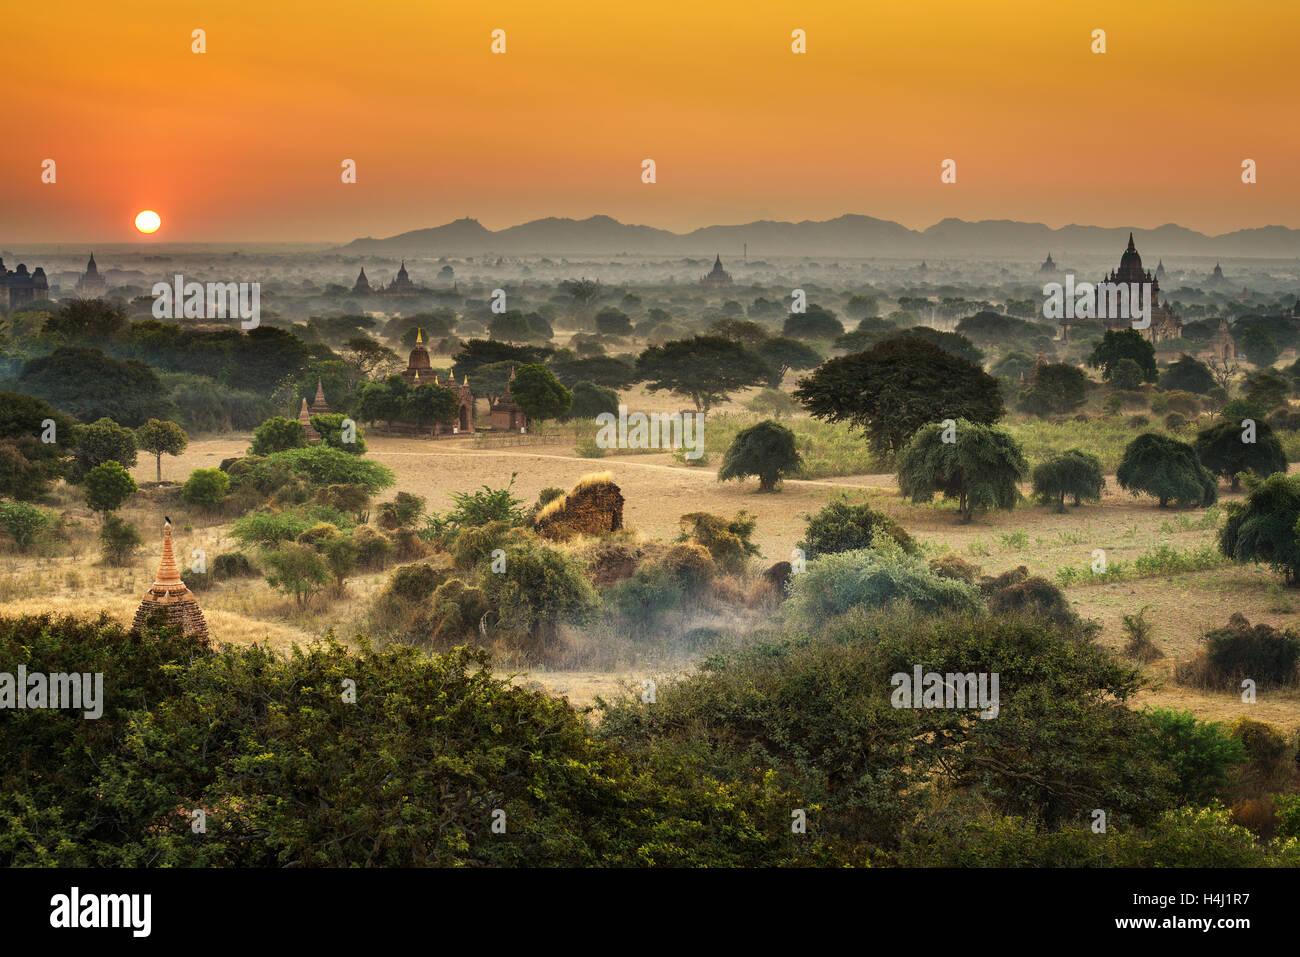 Scenic amanecer encima de bagan en Myanmar. Bagan es una antigua ciudad con miles de templos y estupas budistas Imagen De Stock